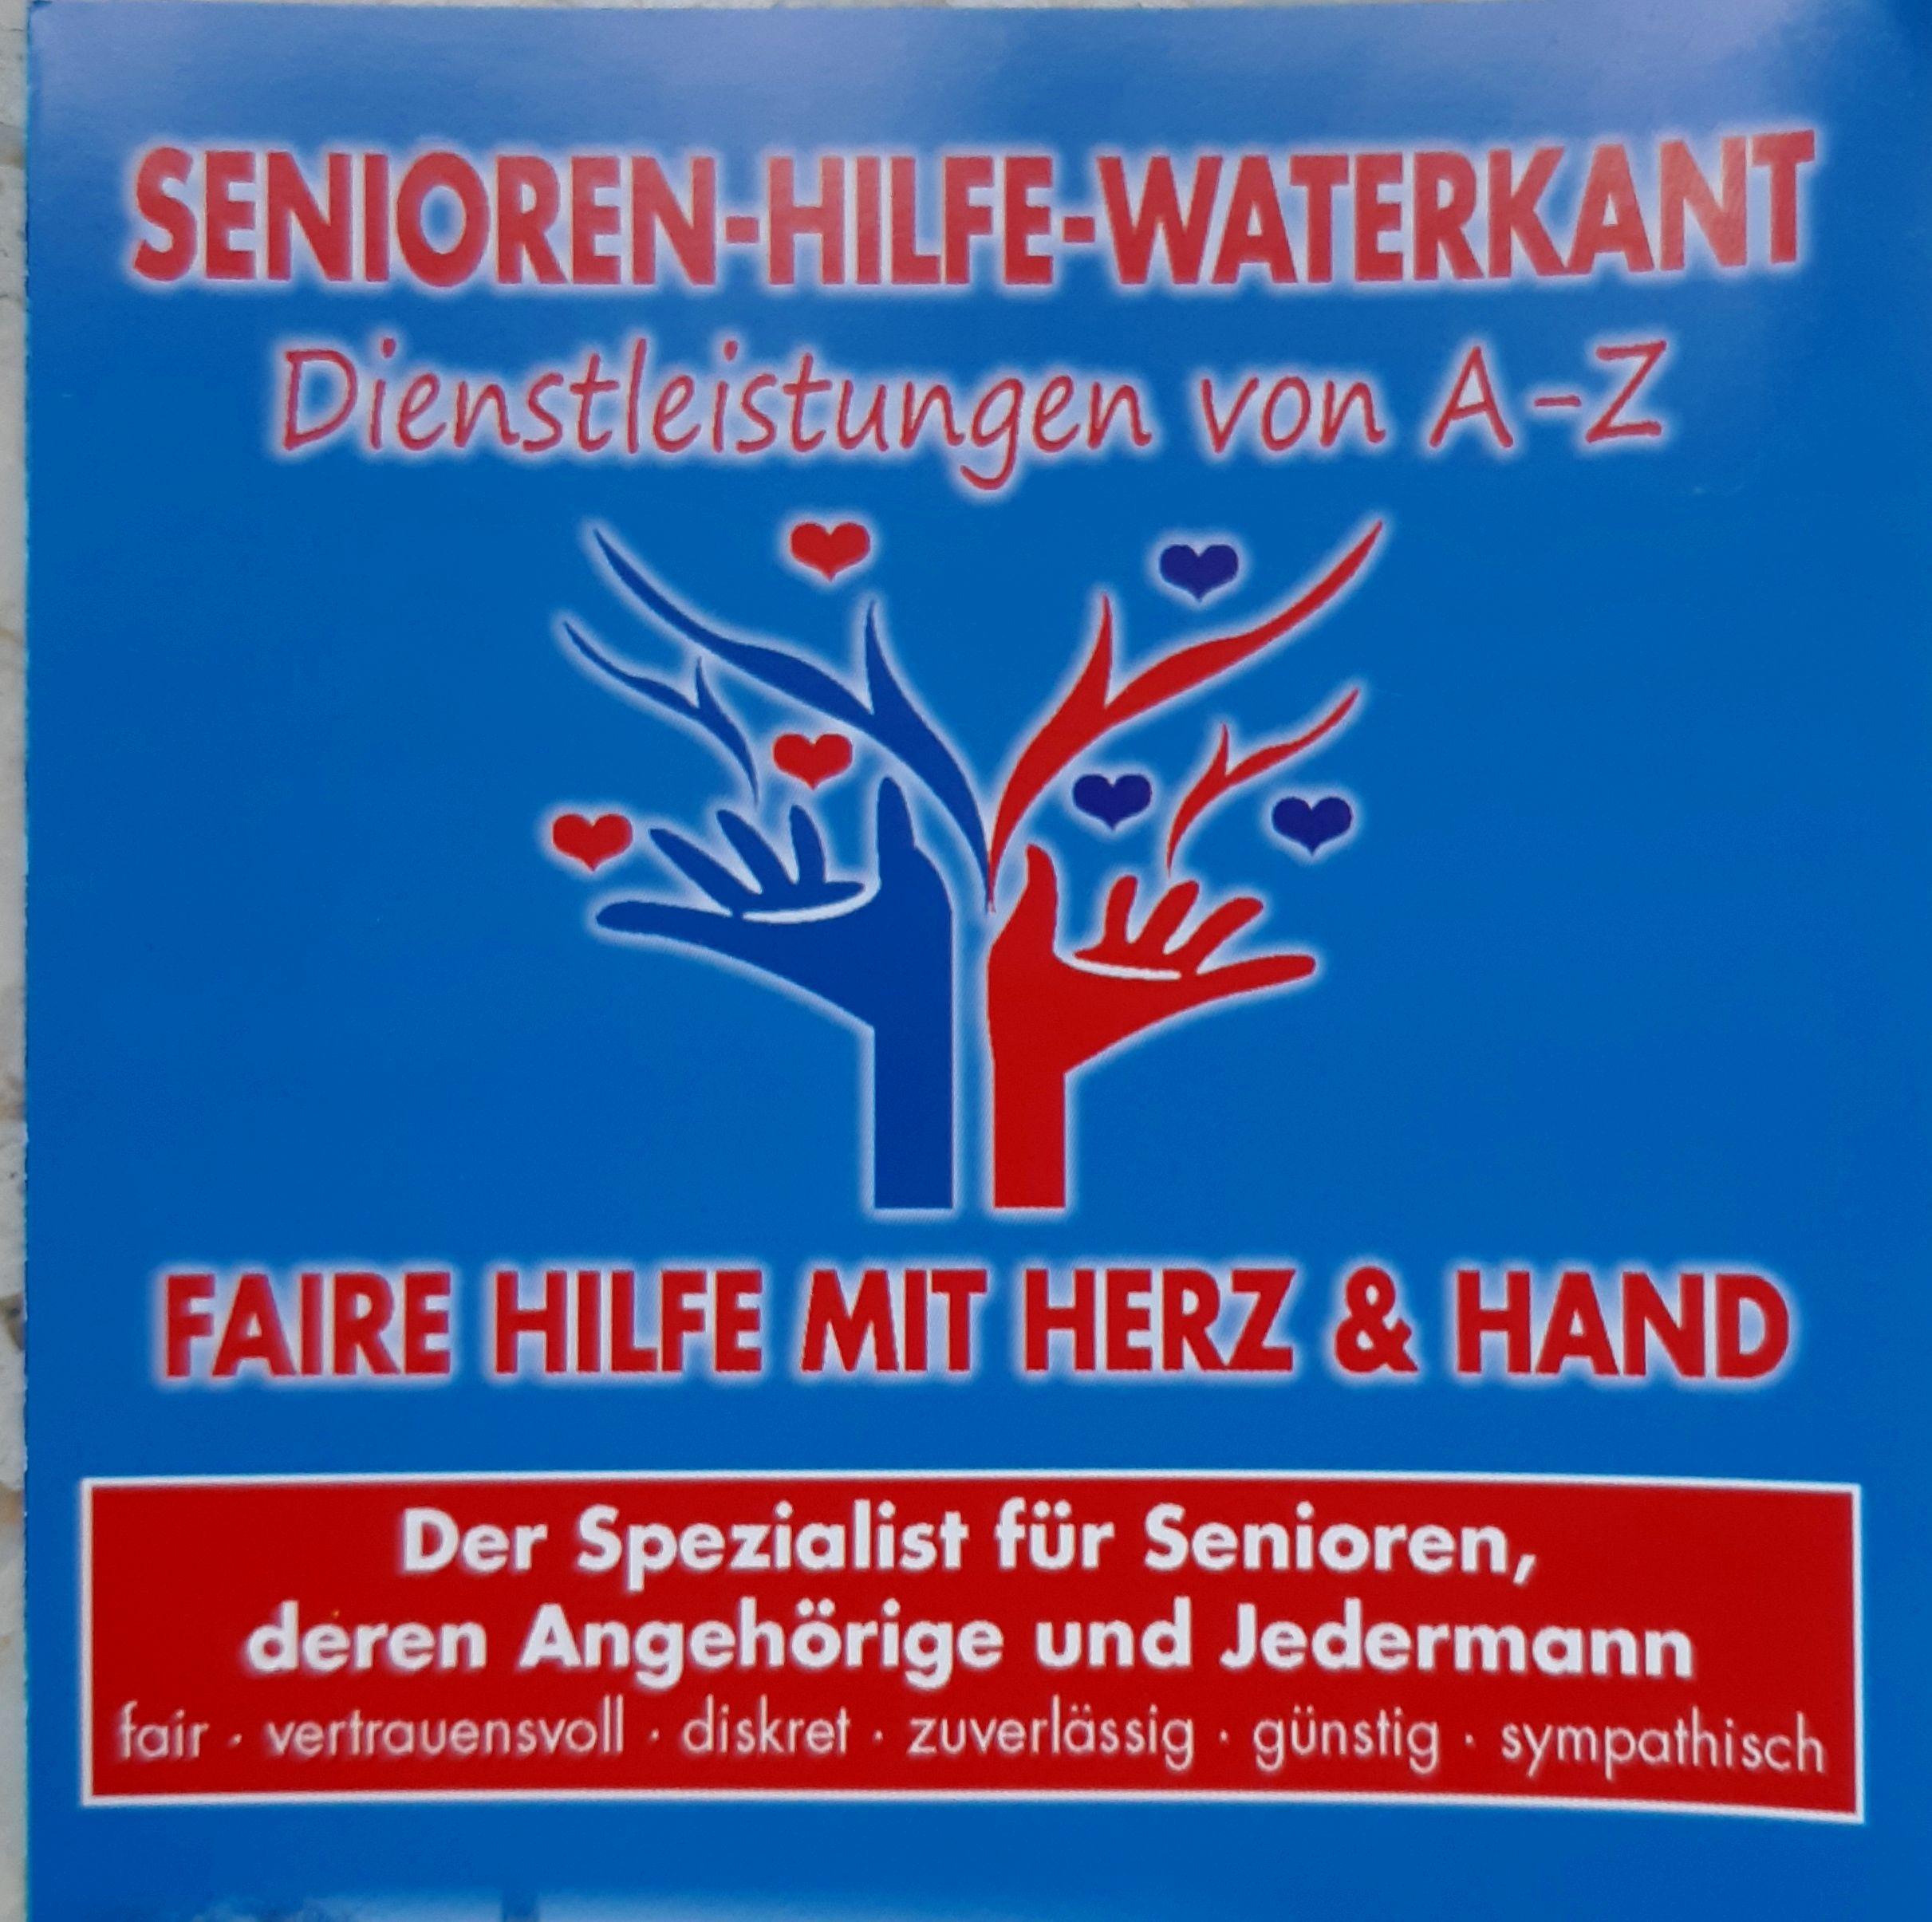 Senioren-Hilfe-Waterkant